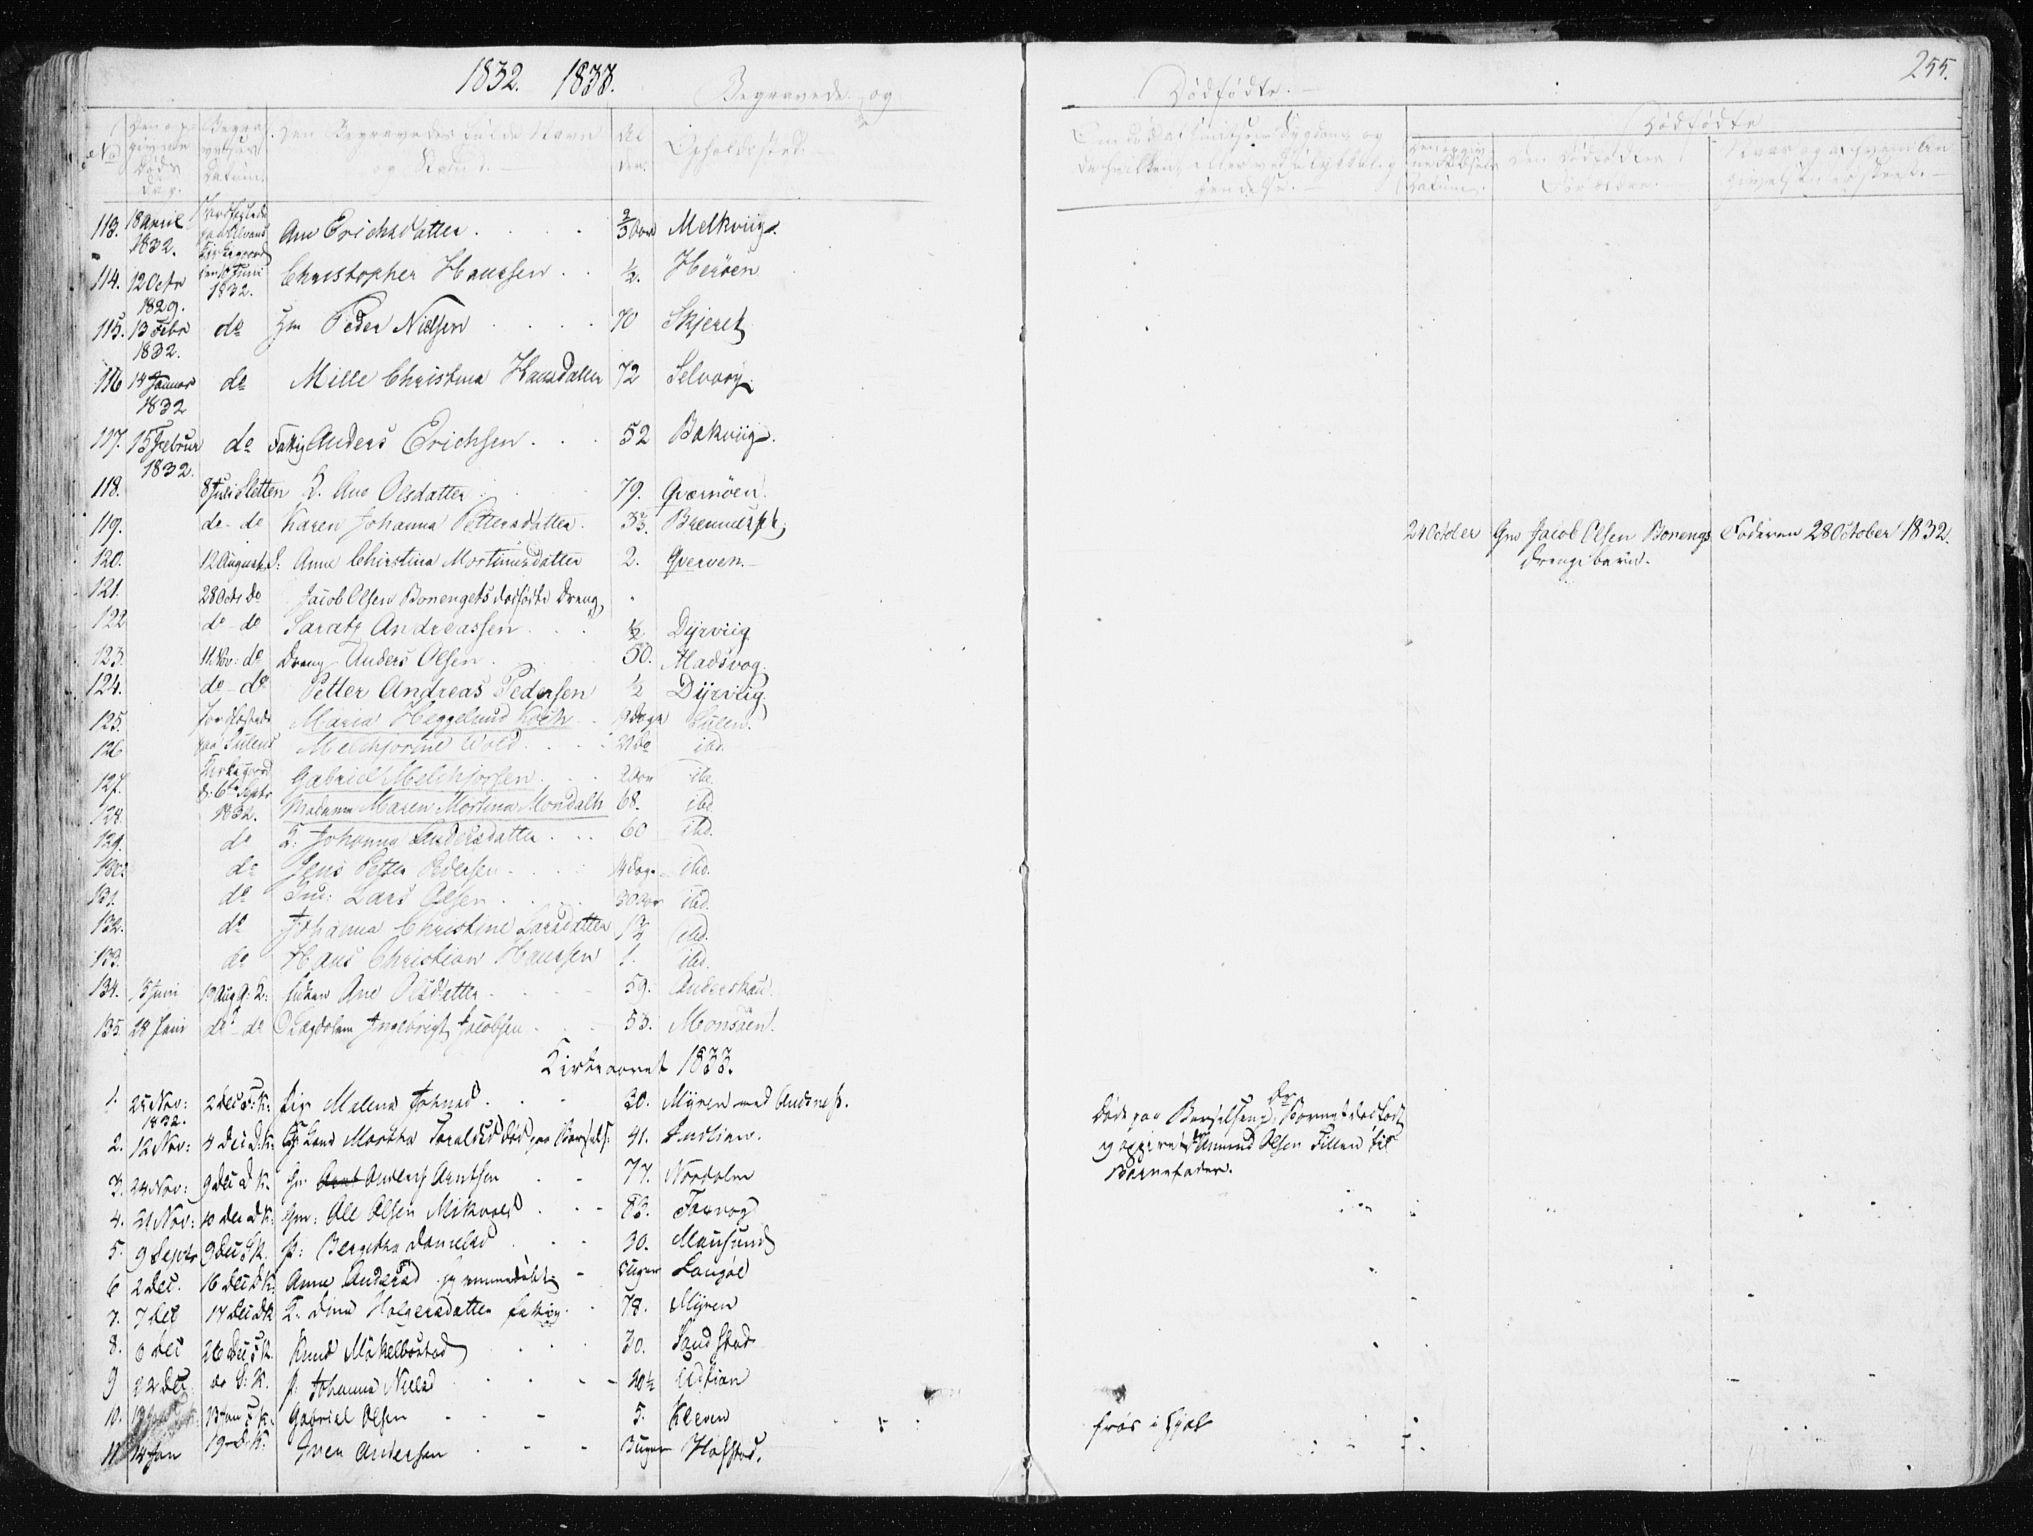 SAT, Ministerialprotokoller, klokkerbøker og fødselsregistre - Sør-Trøndelag, 634/L0528: Ministerialbok nr. 634A04, 1827-1842, s. 255